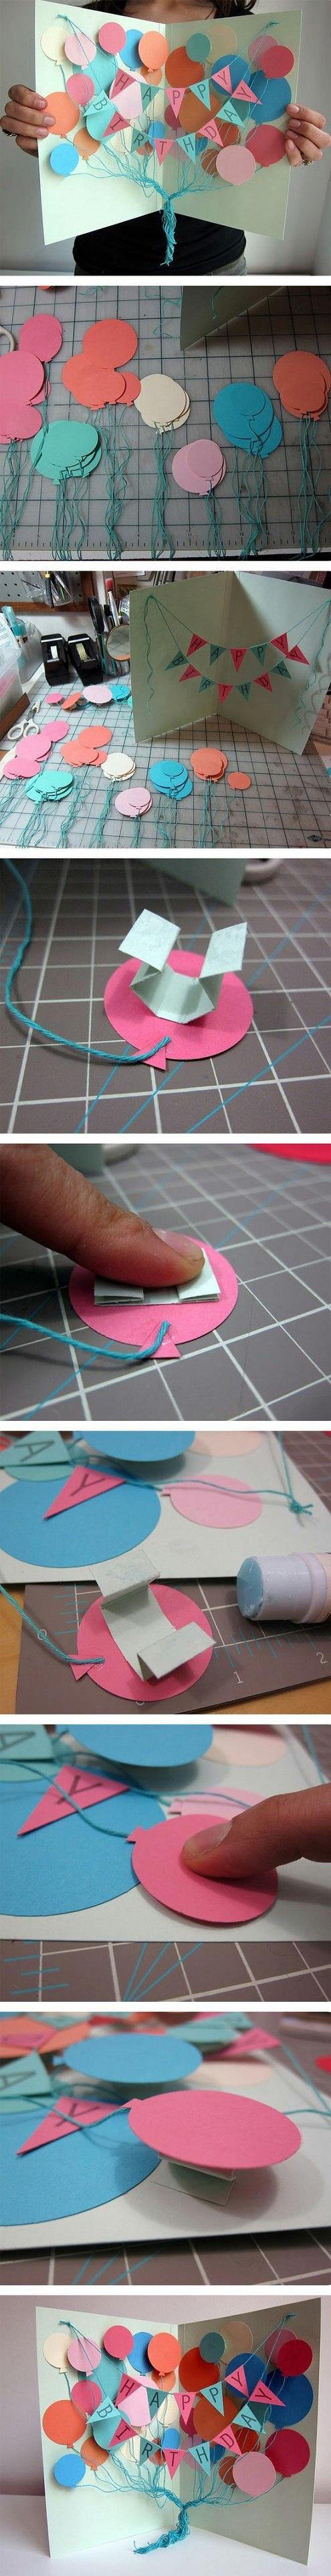 Ý tưởng thiệp sinh nhật 3D dễ thương